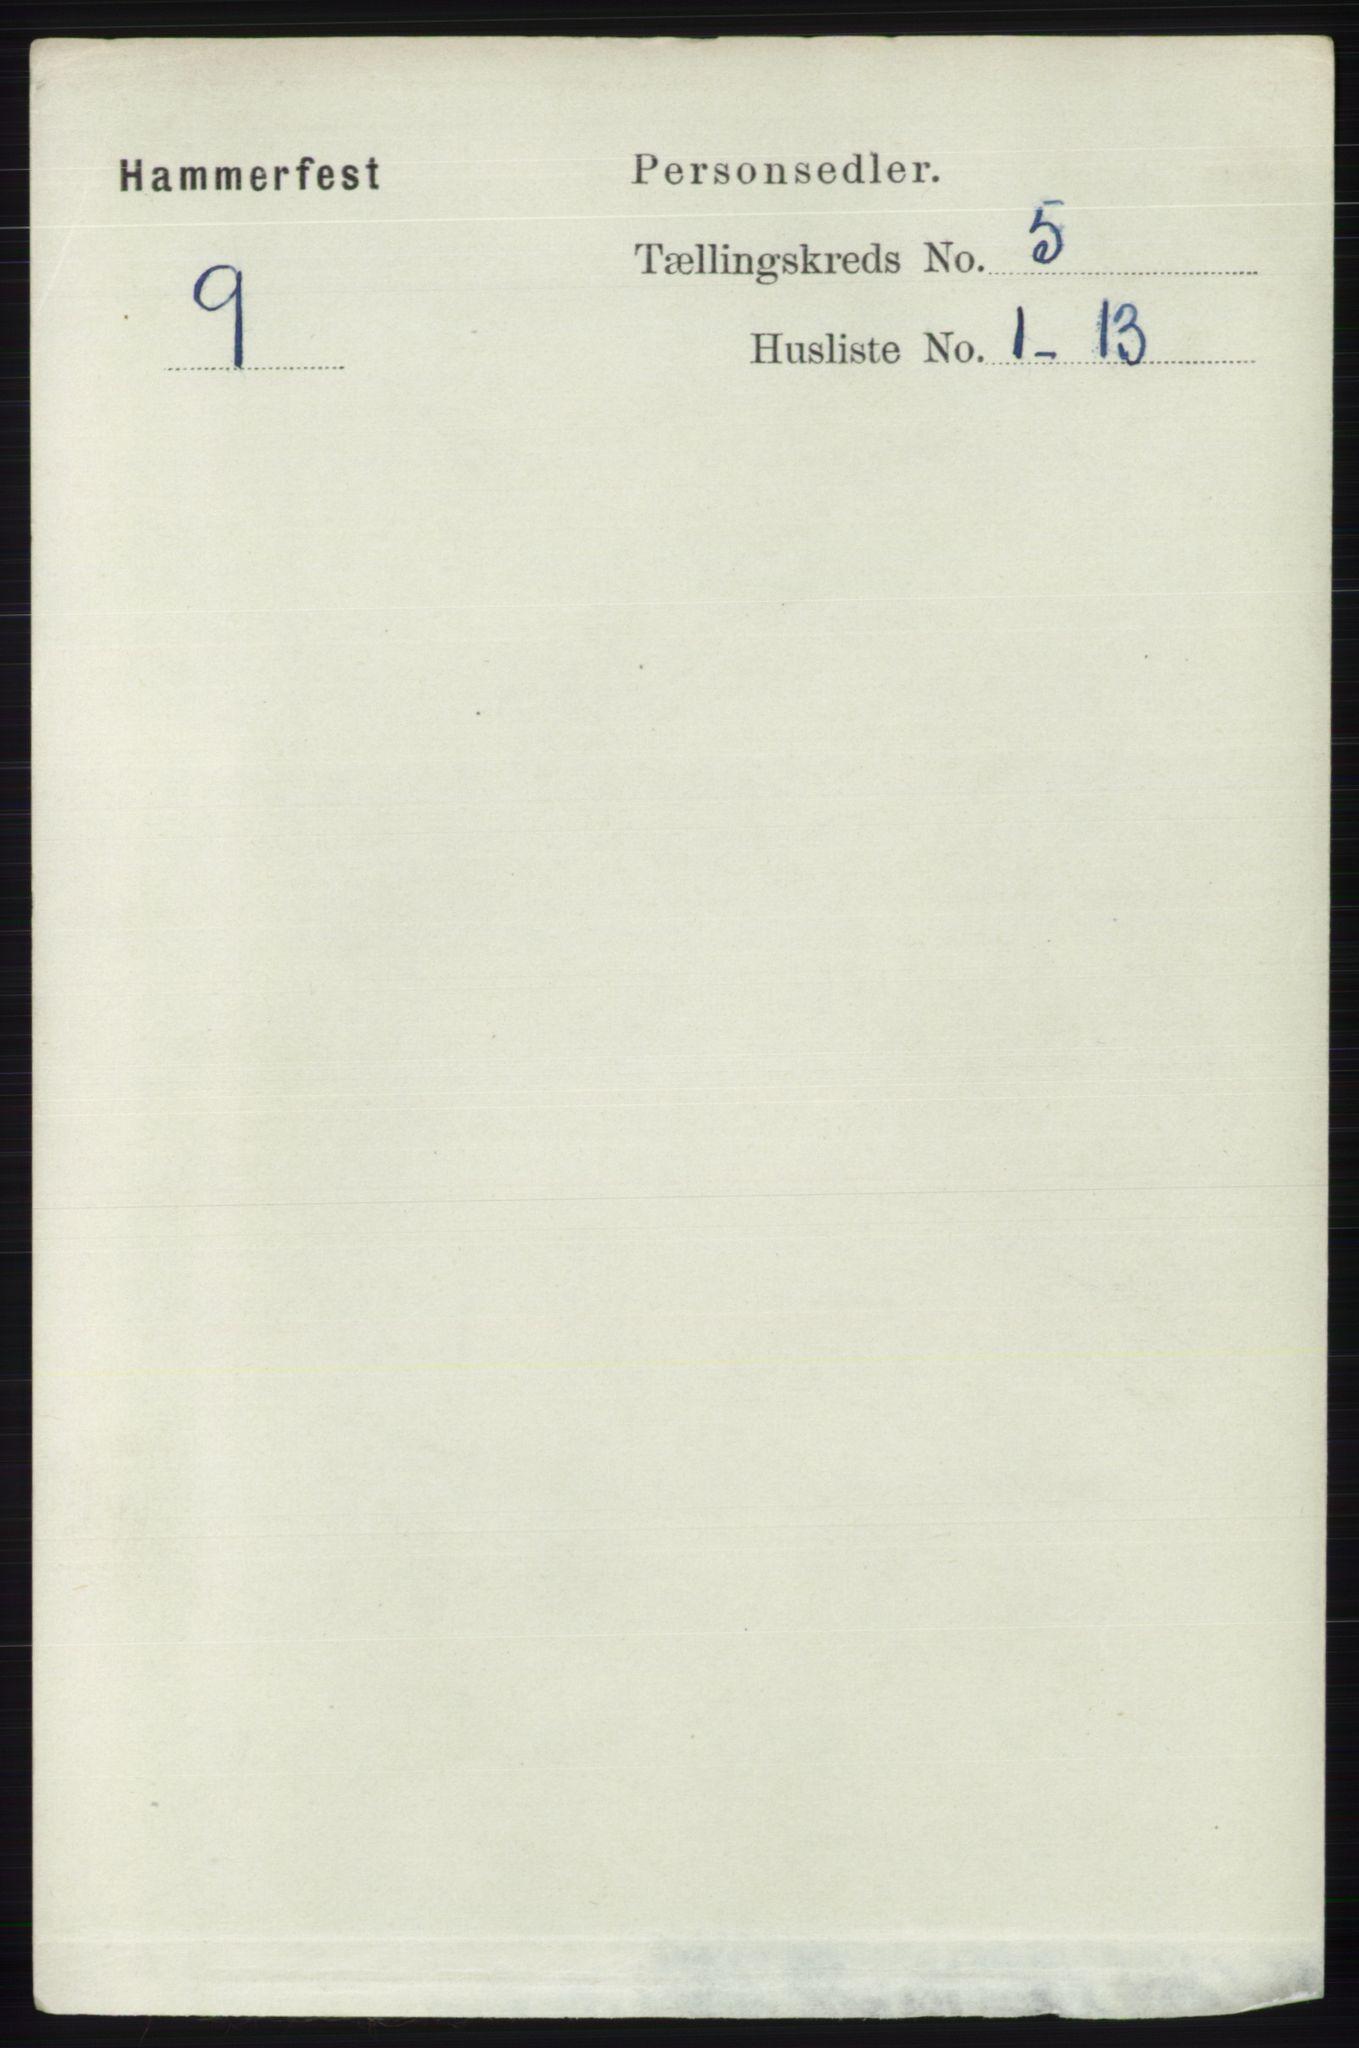 RA, Folketelling 1891 for 2001 Hammerfest kjøpstad, 1891, s. 1358